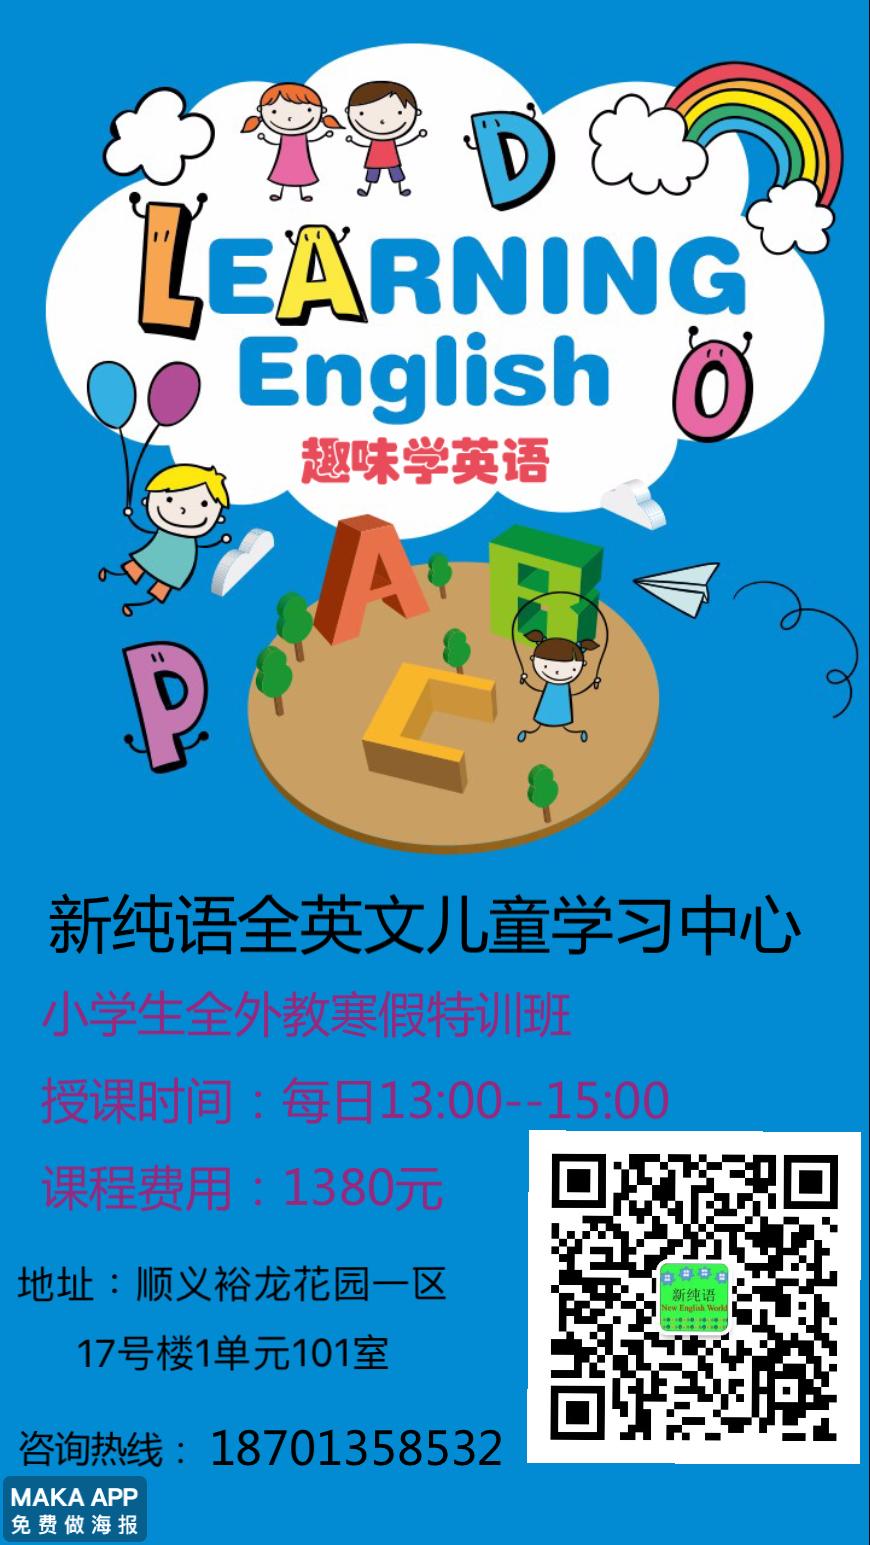 英語培訓海報 少兒英語